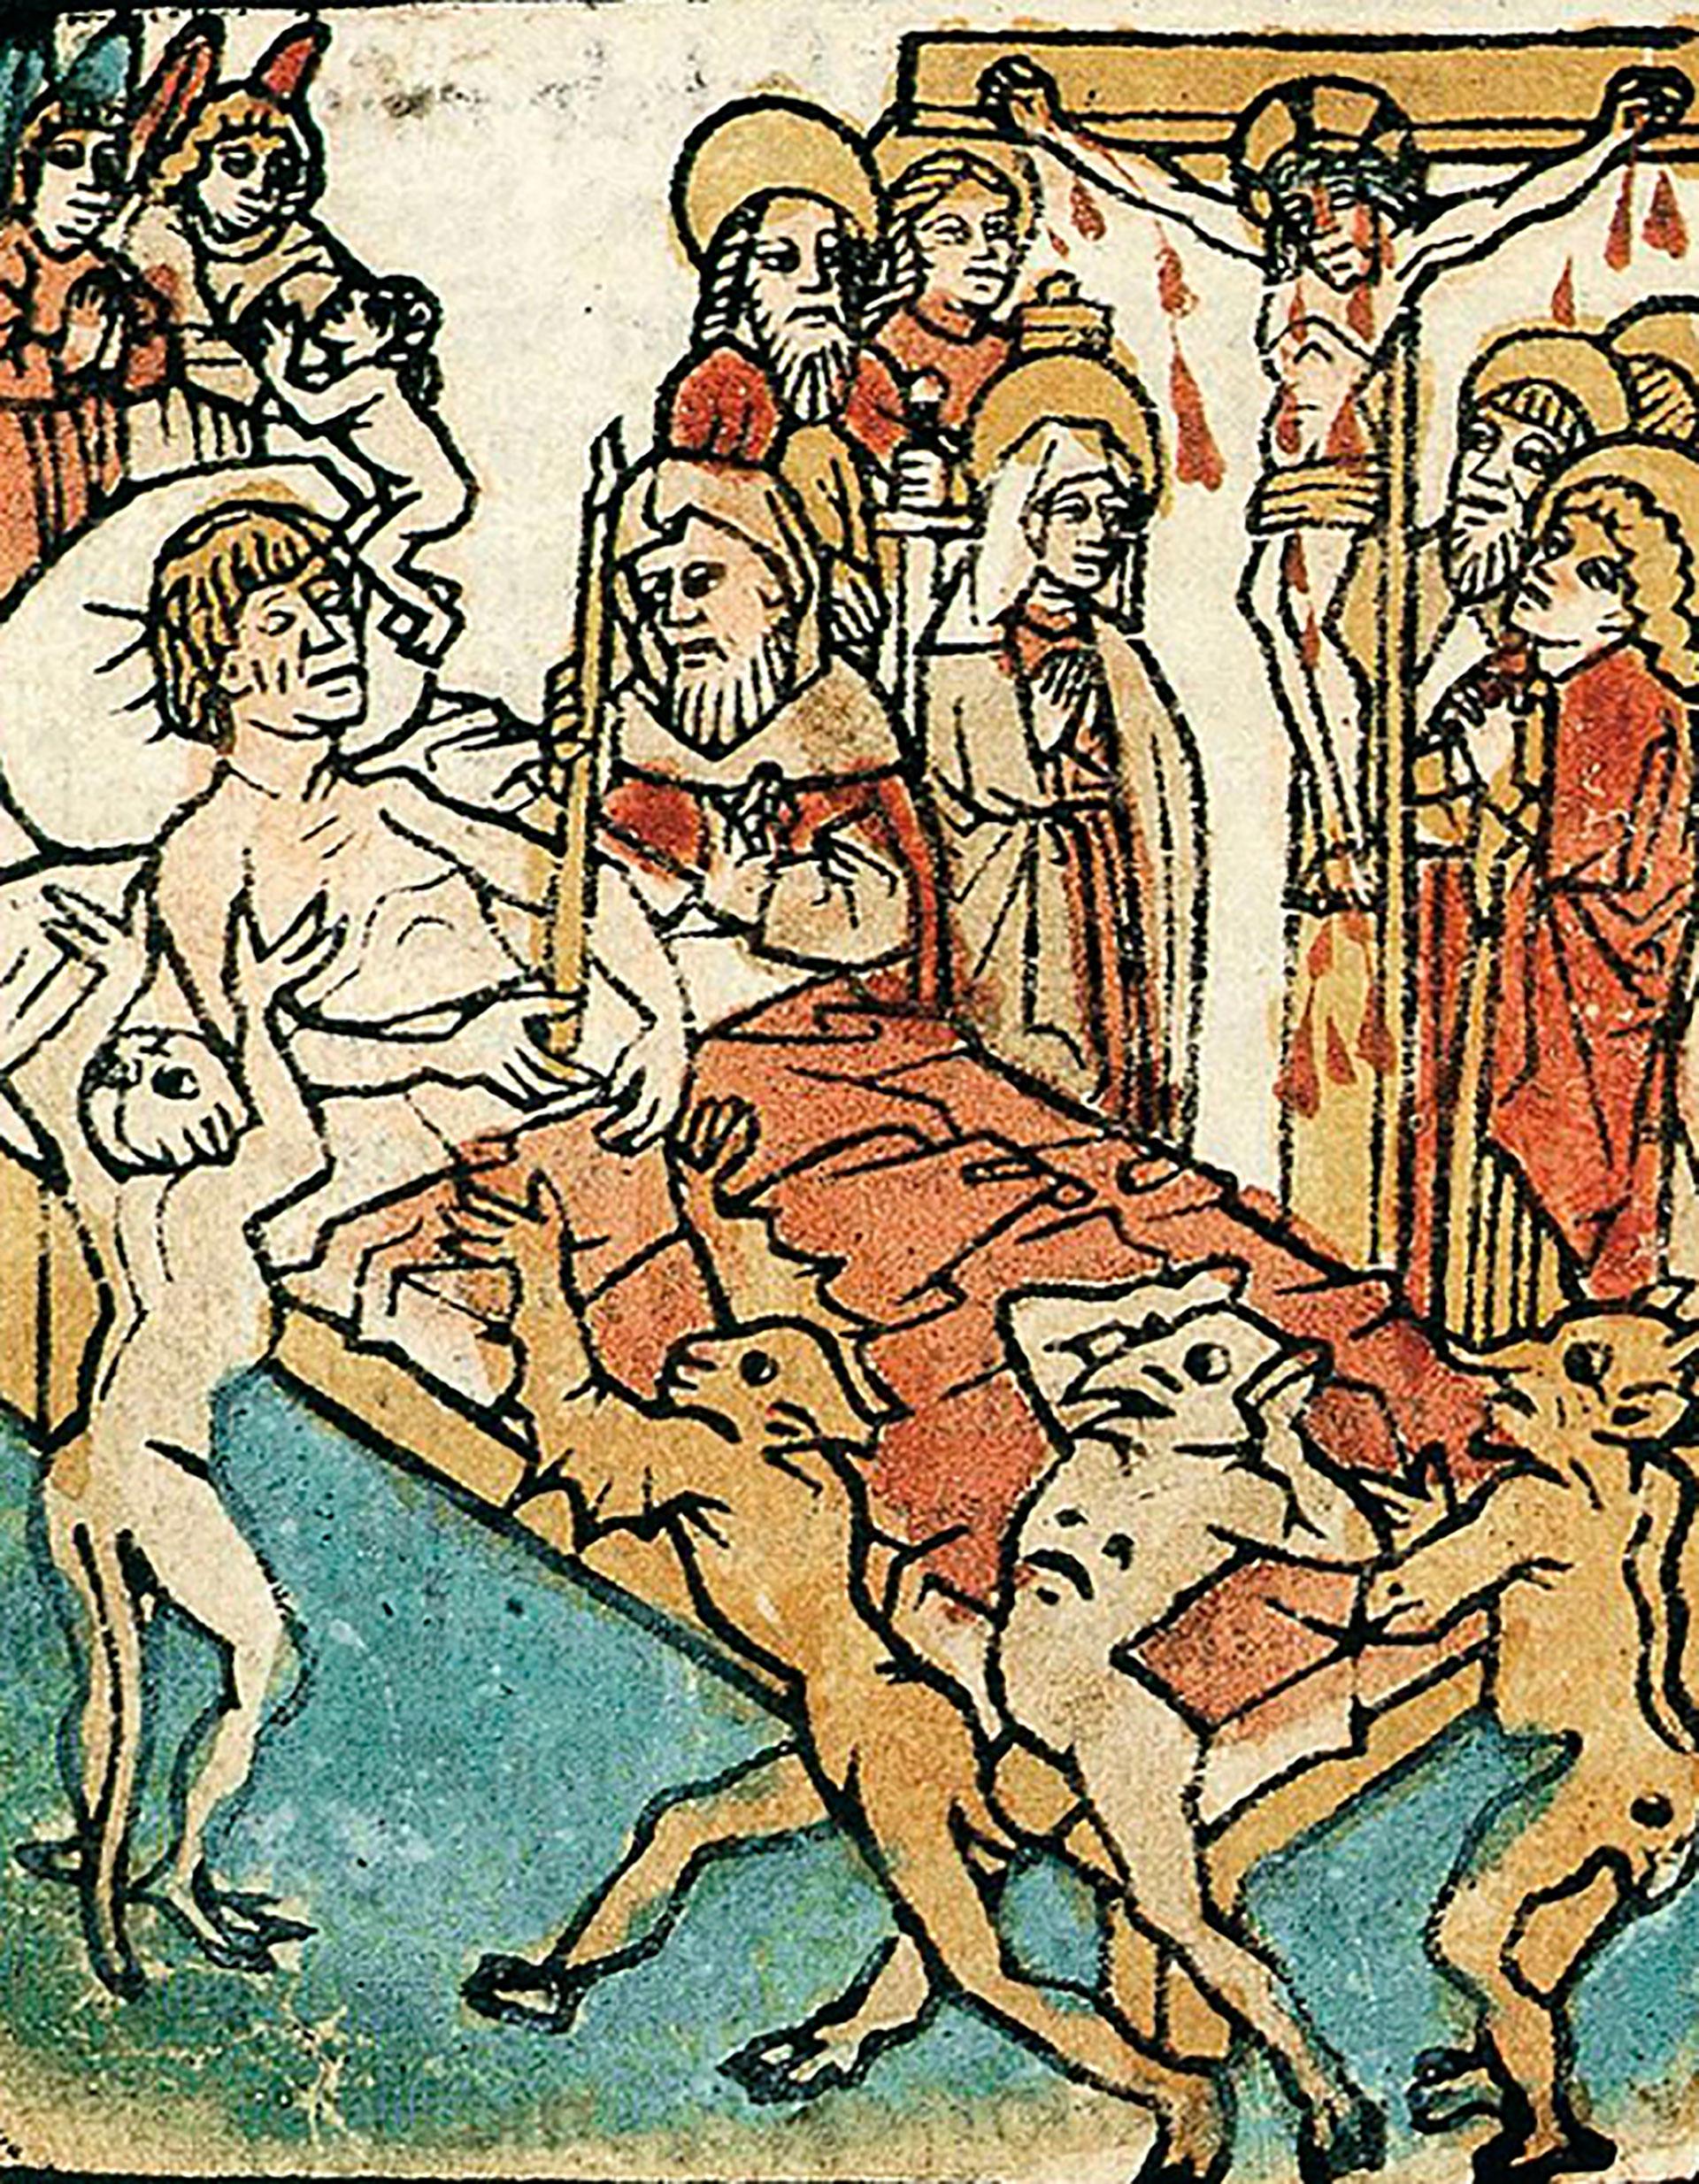 La hora de la muerte, Ars moriendi, año 1460